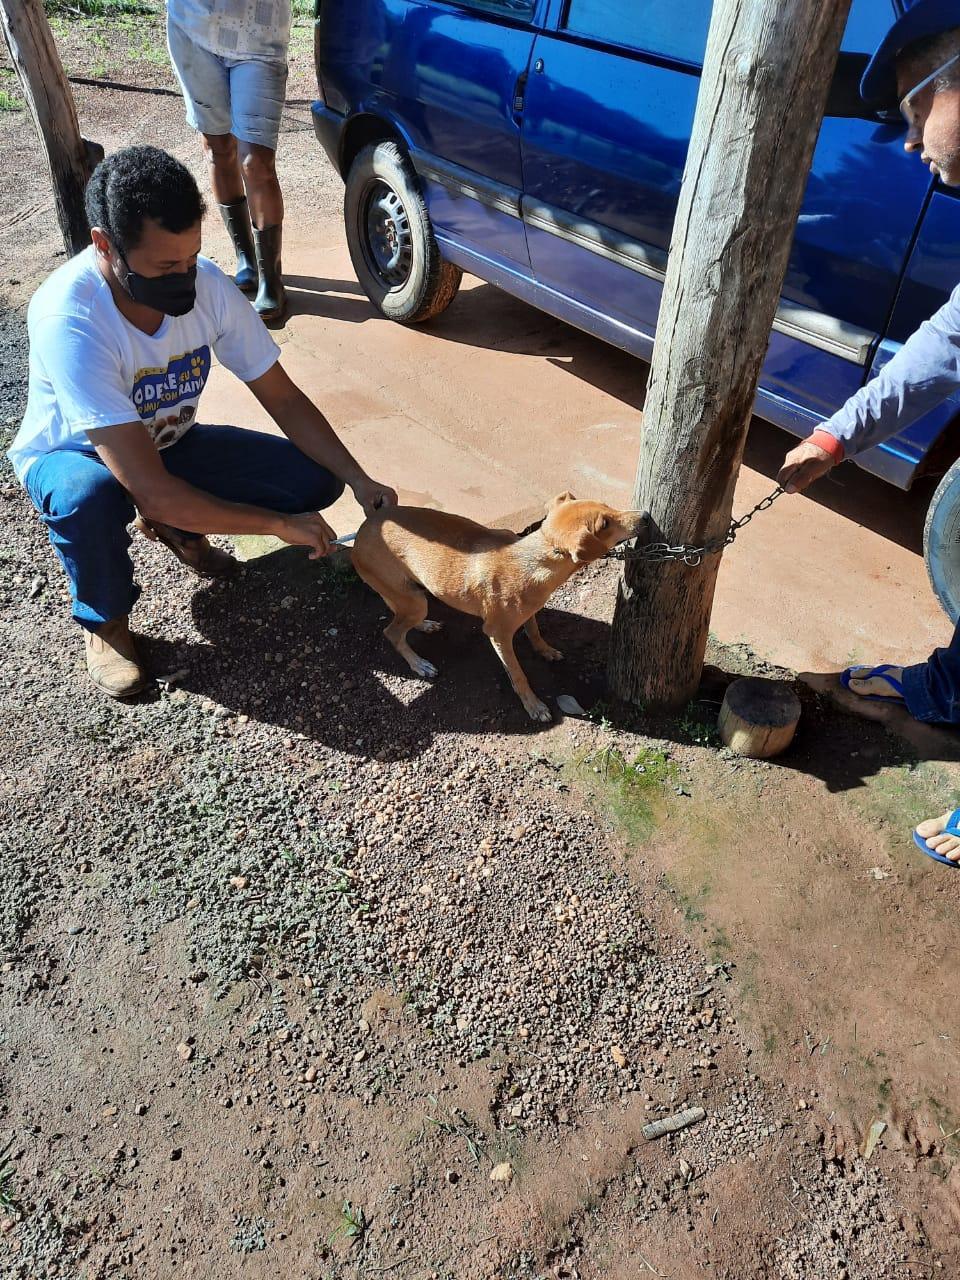 Secretaria de Saúde através do Departamento de Zoonoses está imunizando animais das espécies felinos e caninos para erradicar a doença Raiva em todo o município